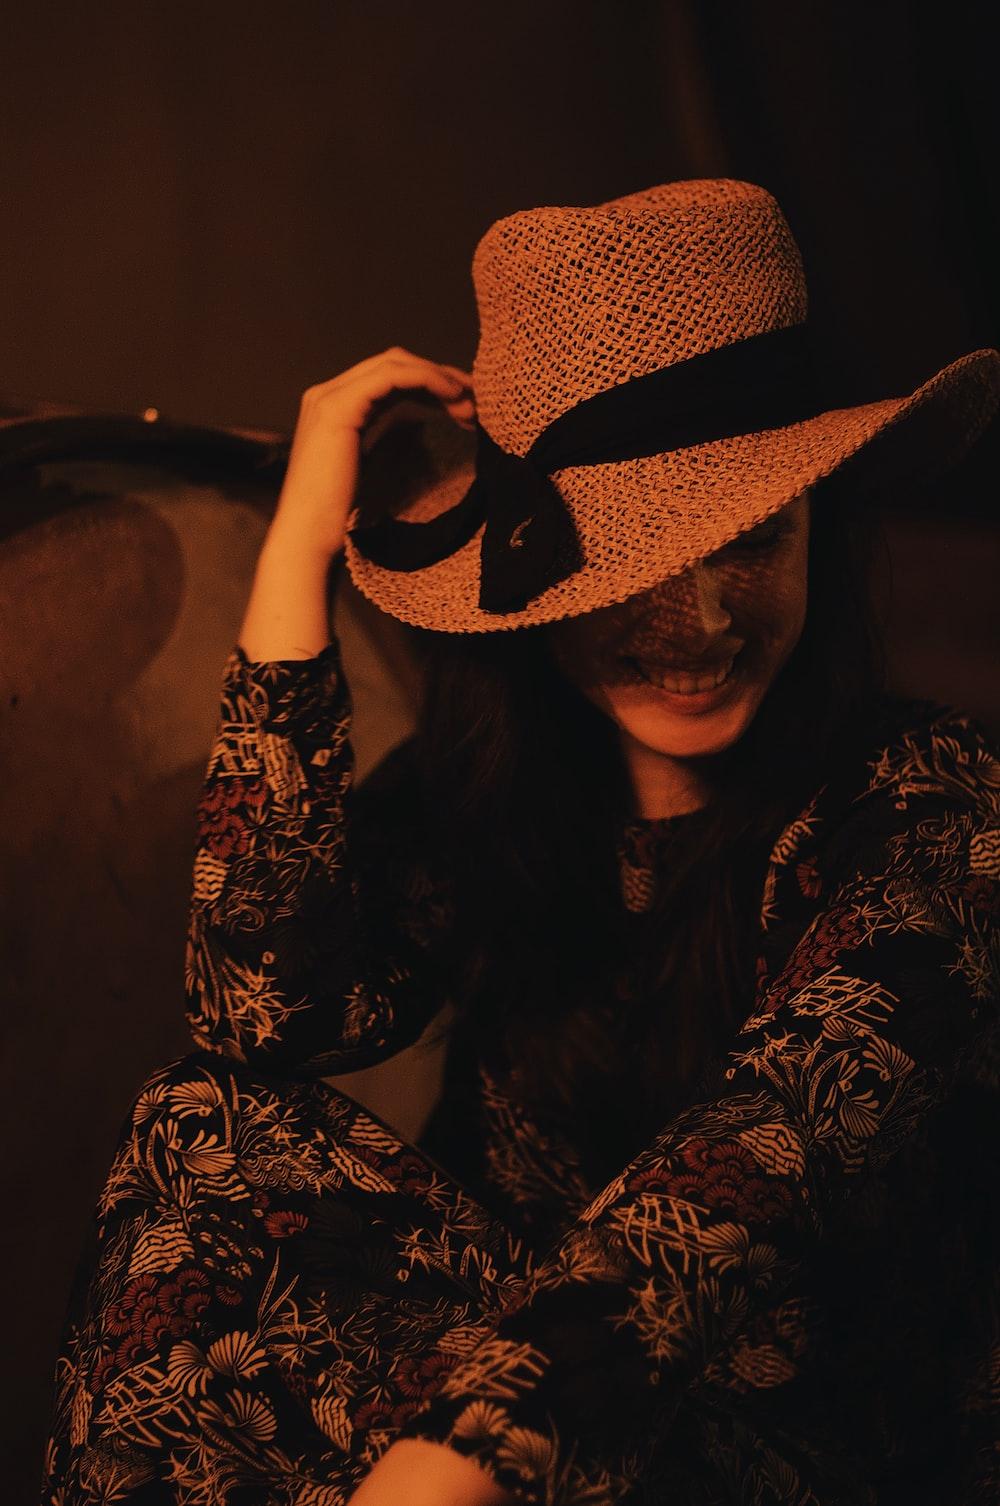 smiling woman wearing brown hat